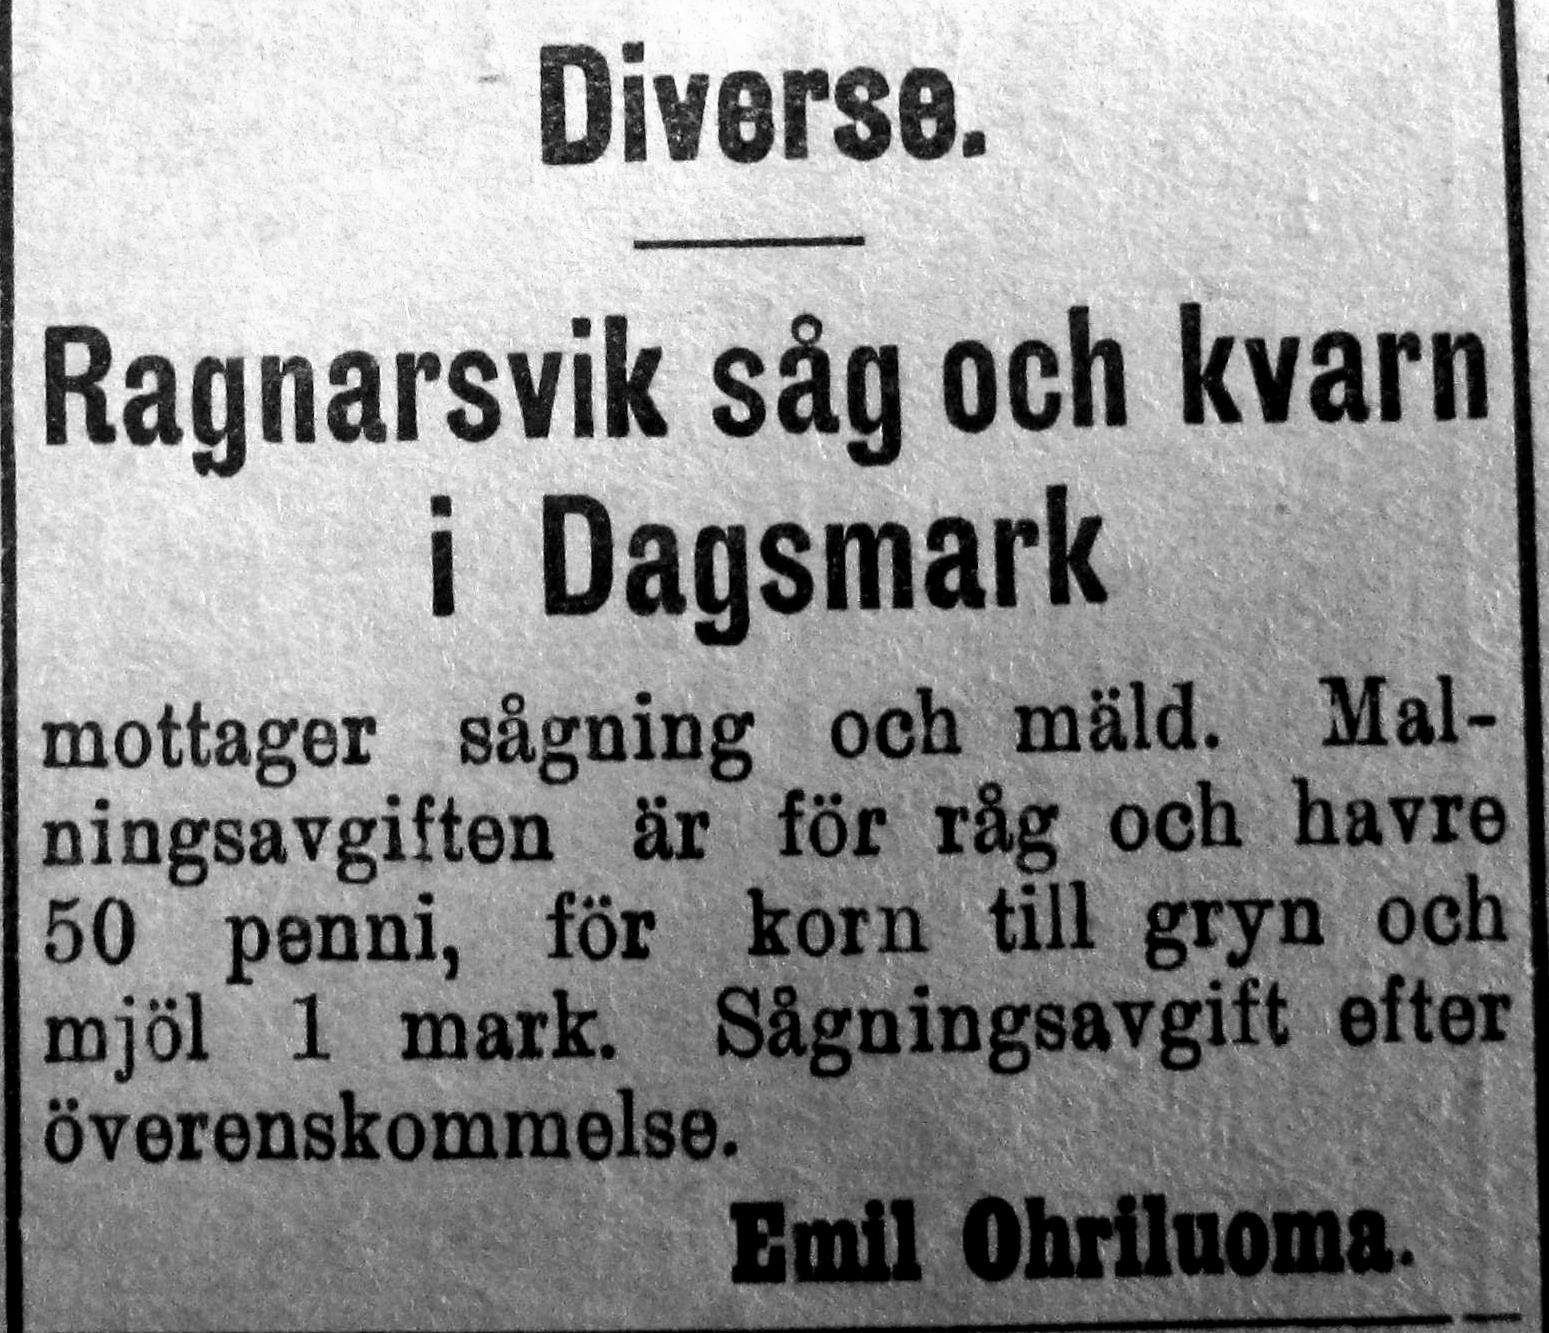 År 1912, Veckan efter köpet annonserar de nya ägarna att de både sågar och mal.